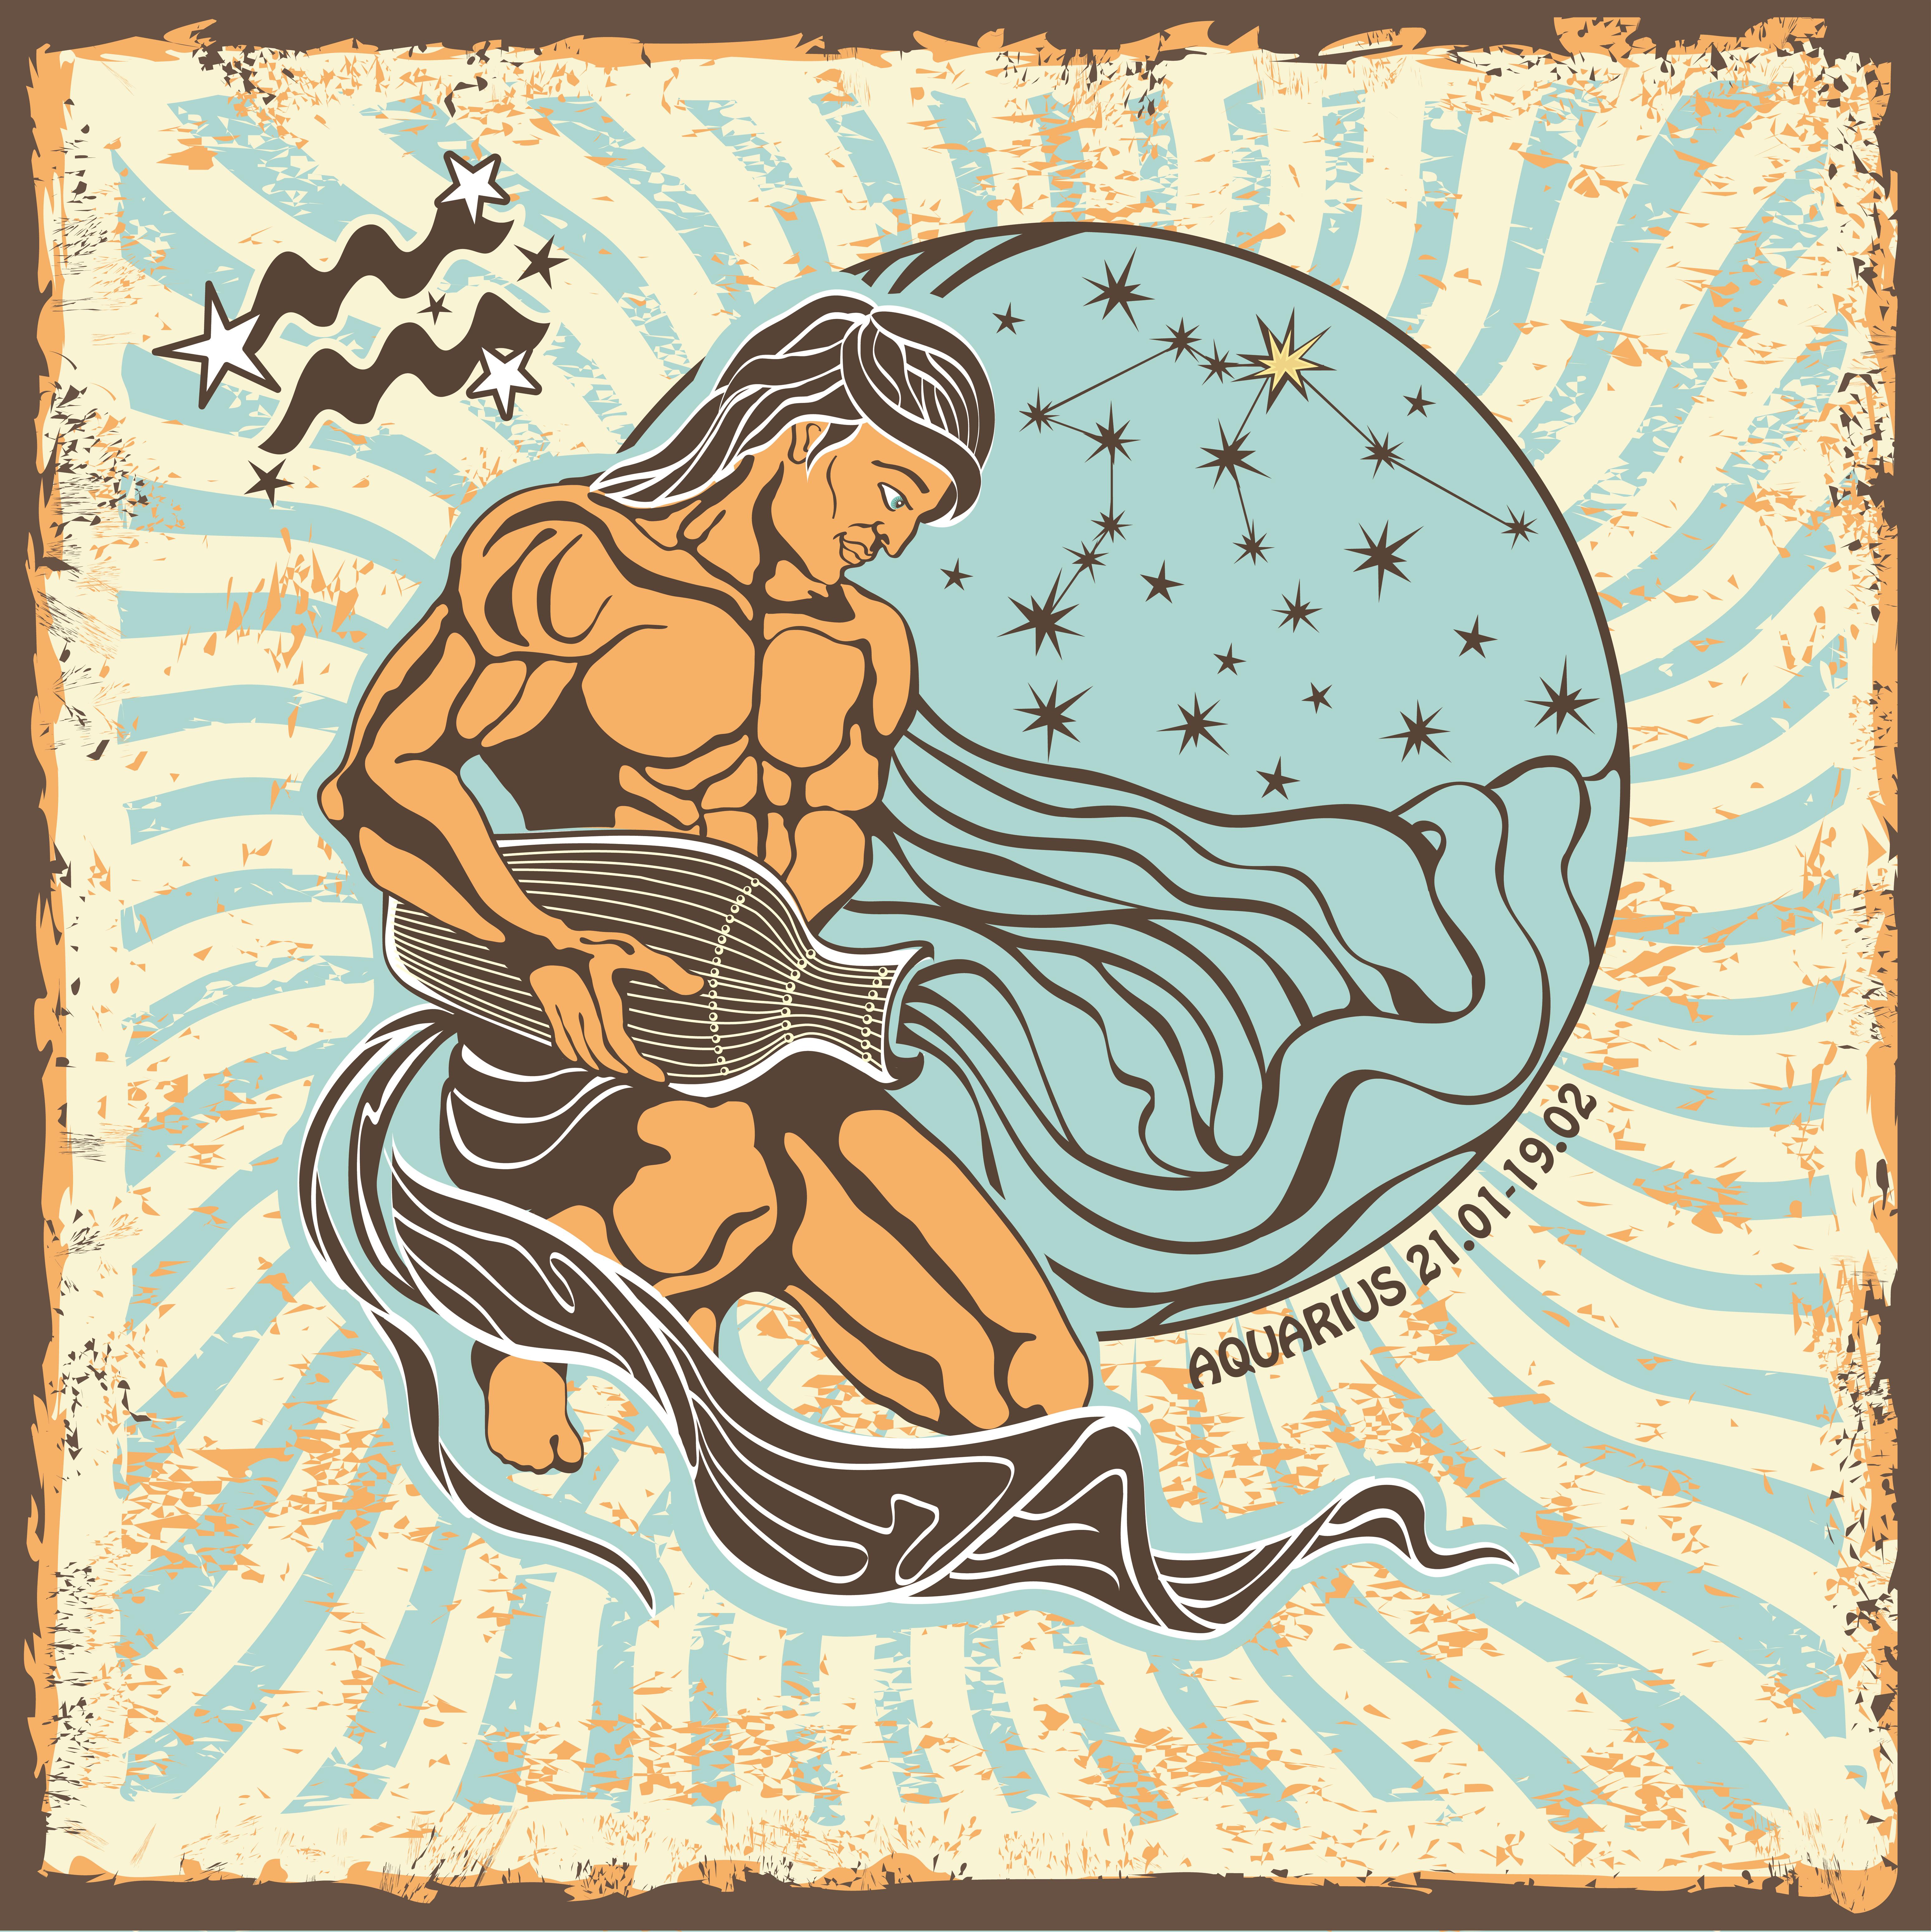 Aquarius jpeg